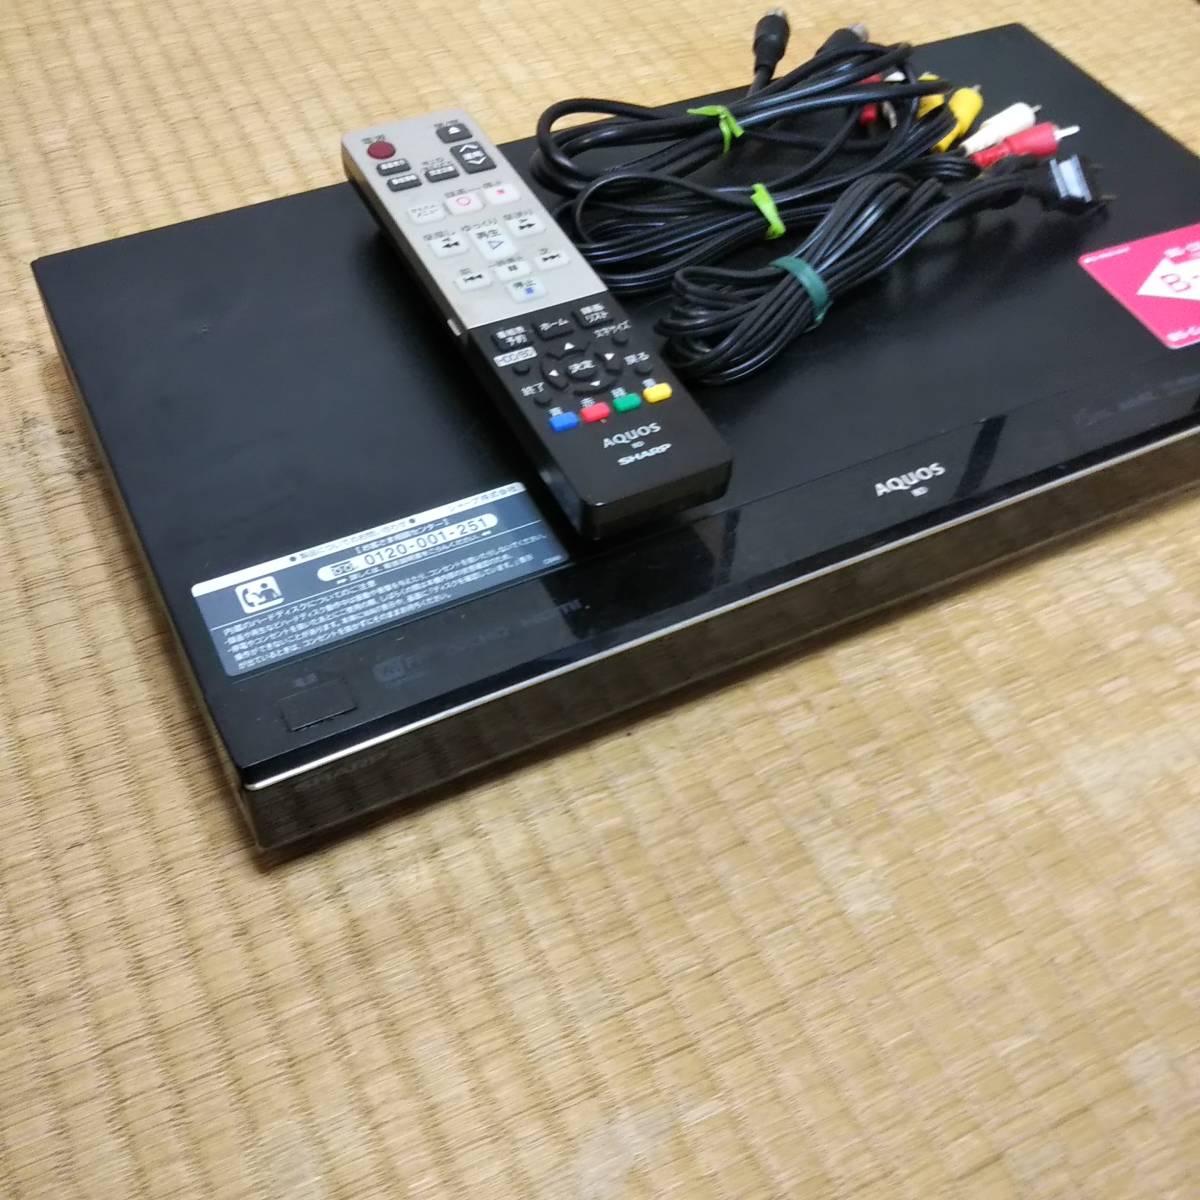 SHARP♪シャープ♪AQUOS/アクオス/BD-T510/ブルーレイレコーダー/3チューナー/500GB/HDD/再生/OK/おまけ/リモコン/ケーブル他/ジャンク_画像3